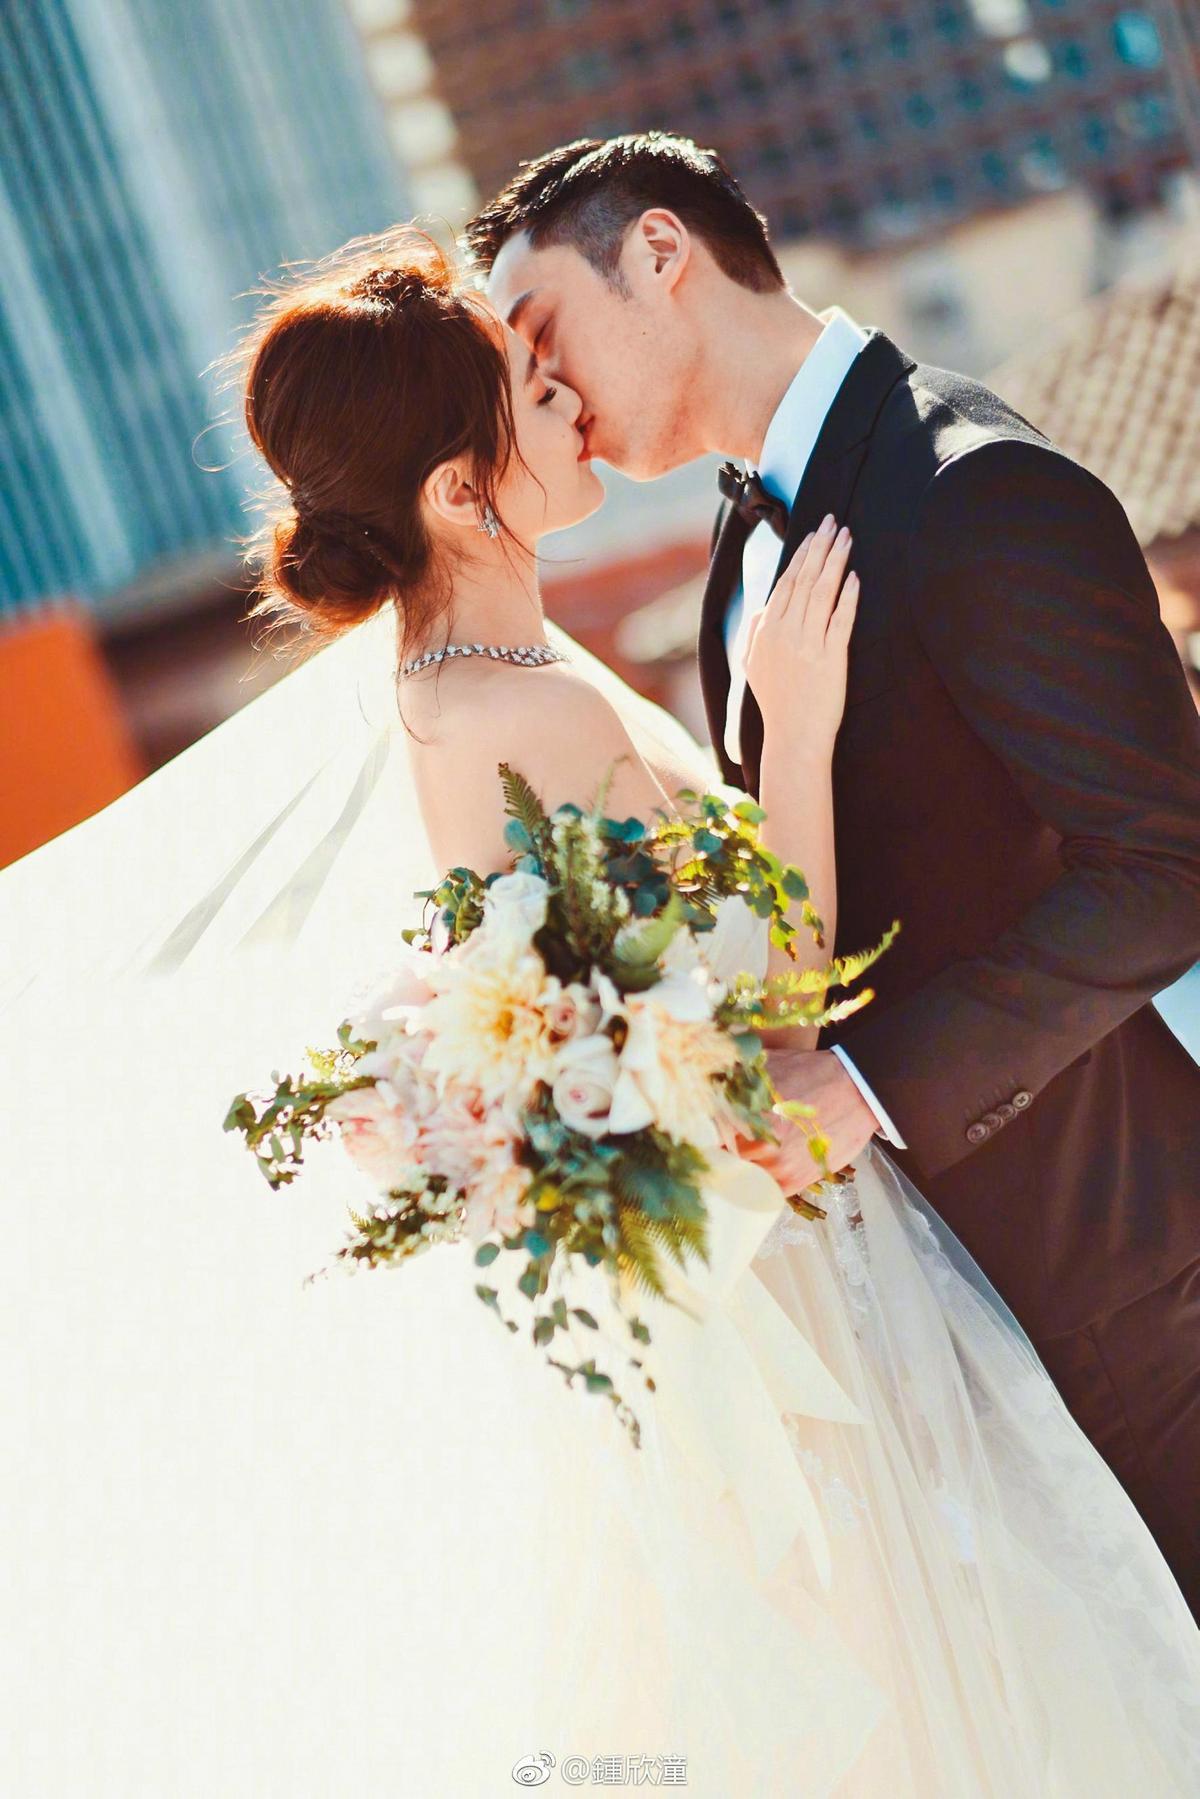 賴弘國(右)跟港星阿嬌2018年結婚,人前人後都表現得很恩愛,怎知婚姻只維持14個月就結束。(翻攝自賴弘國IG)